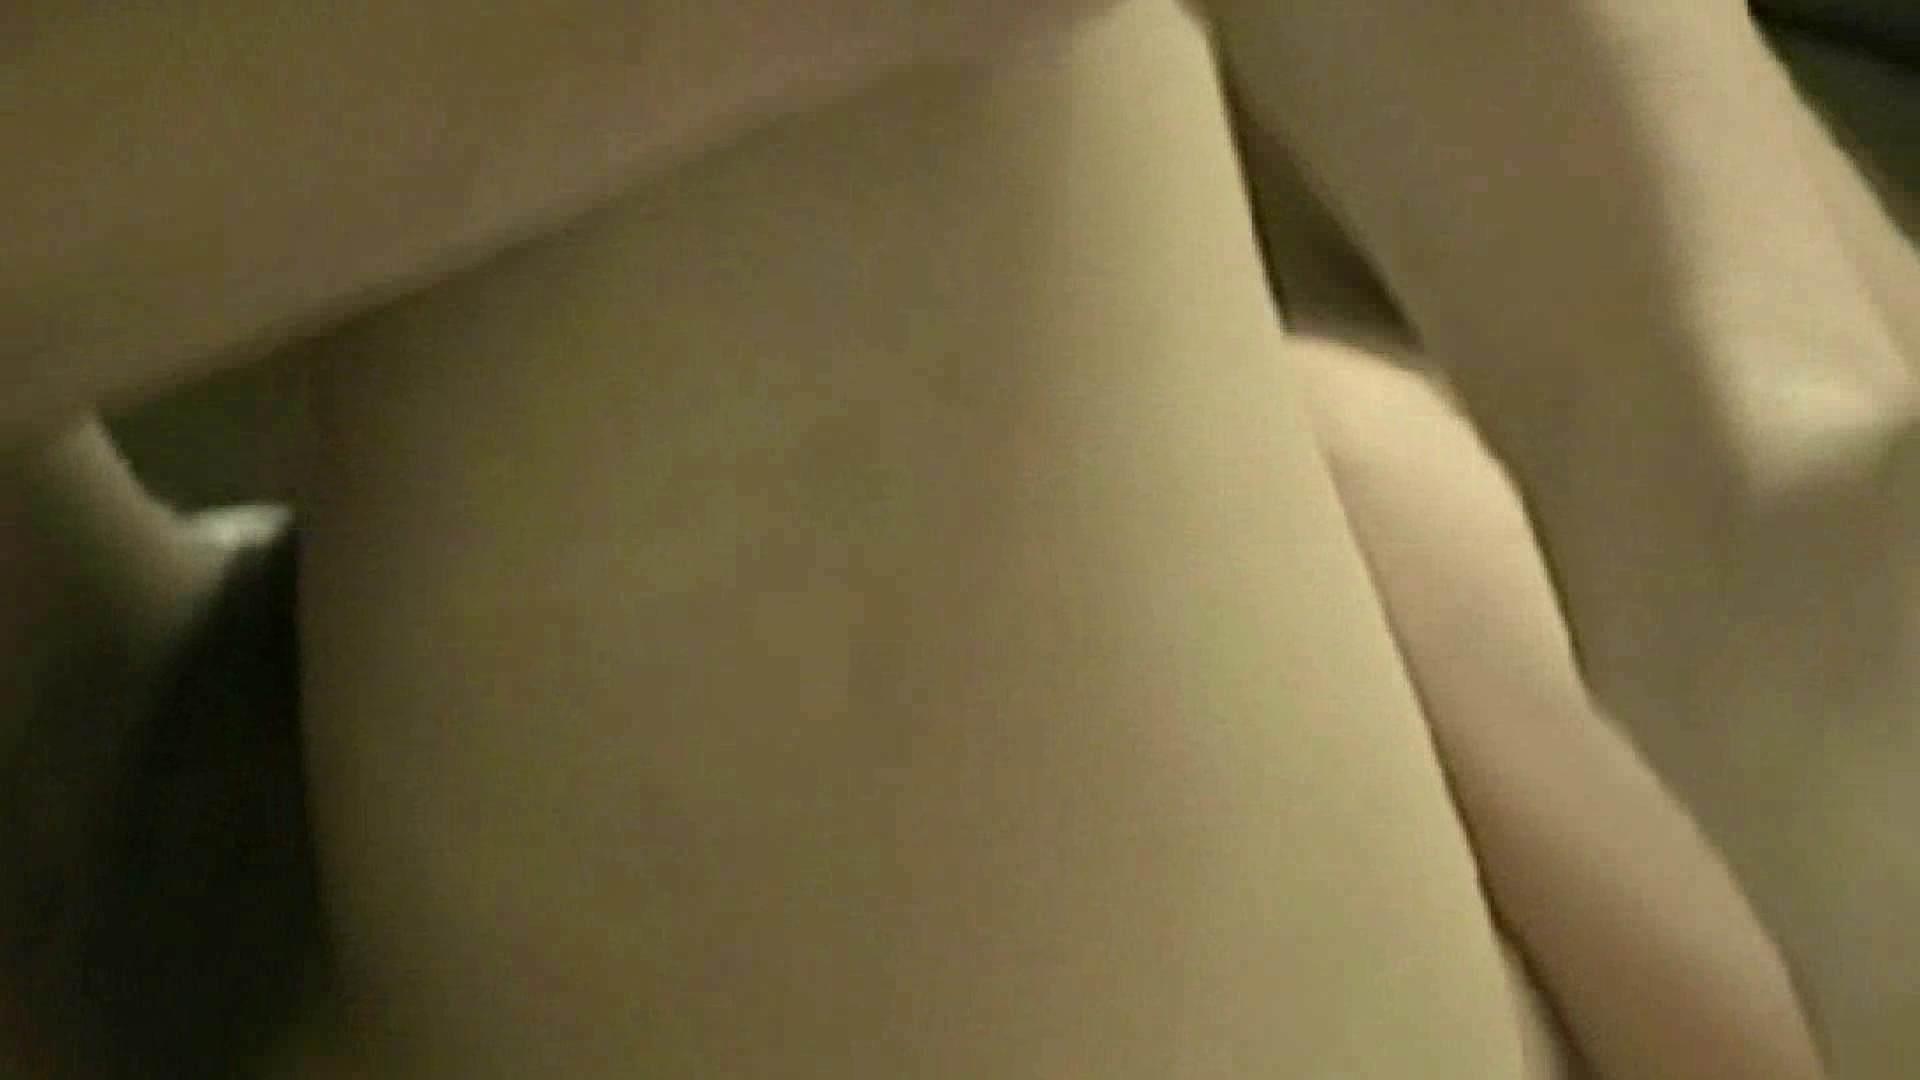 最愛の妻 TAKAKO 愛のSEX Vol.01 一般投稿 オメコ動画キャプチャ 63pic 30